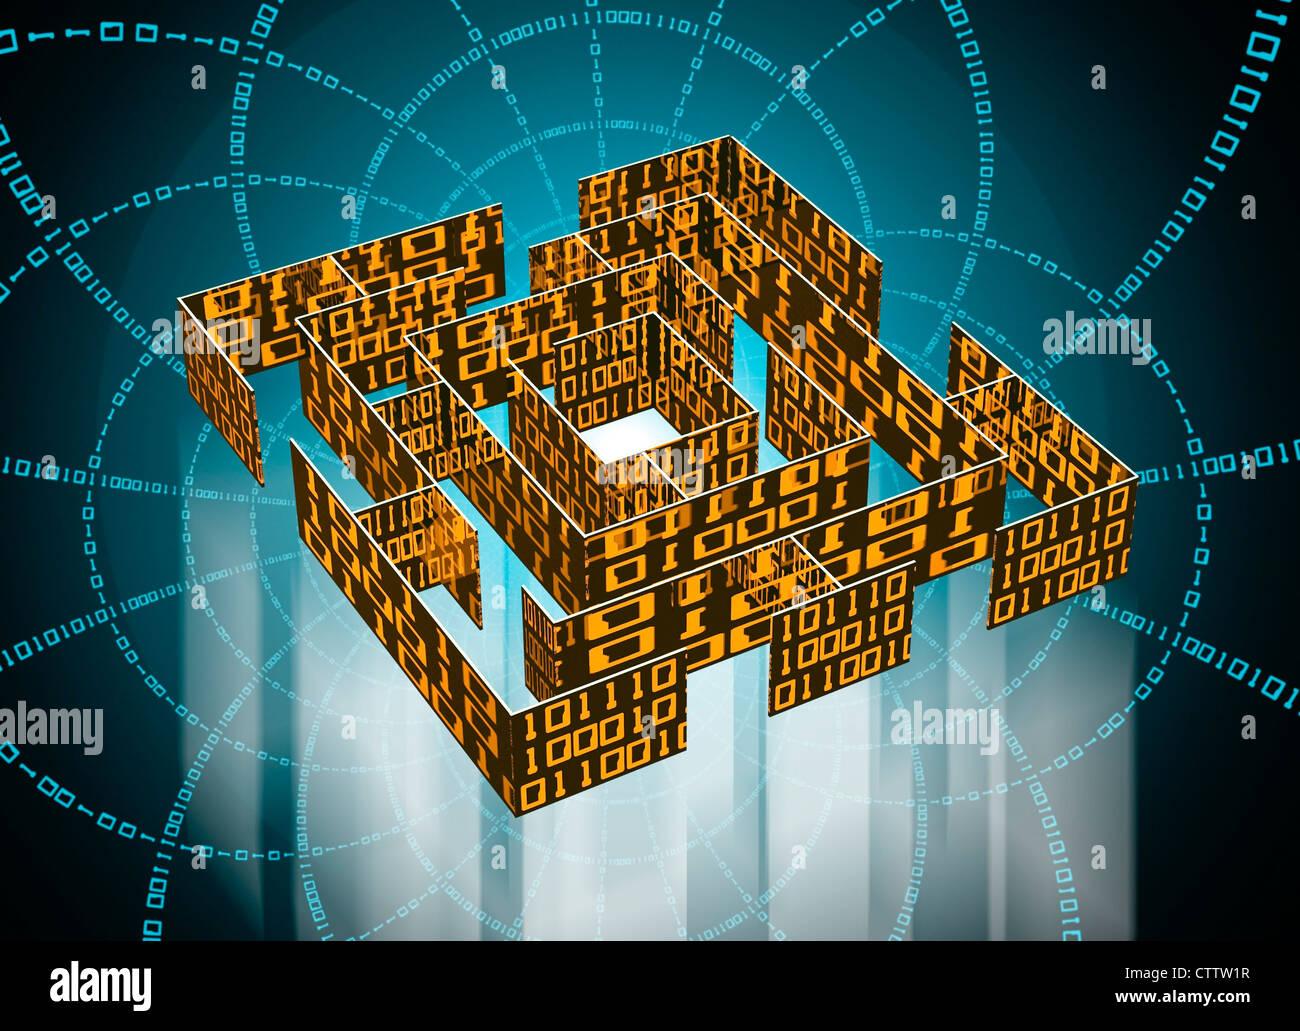 Labyrinth mit Datenkolonnen aus Binärcode Stock Photo